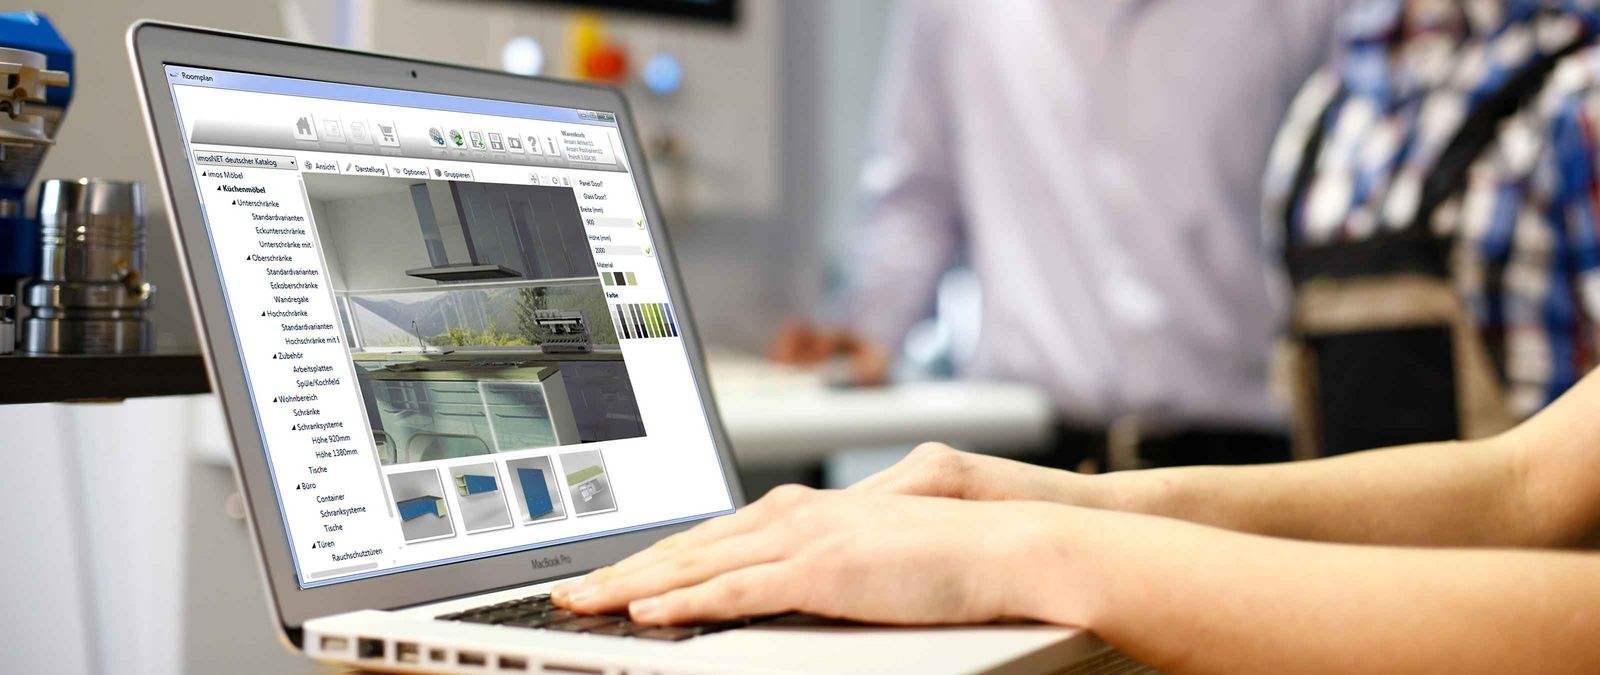 网站搭建选择虚拟主机还是虚拟空间?